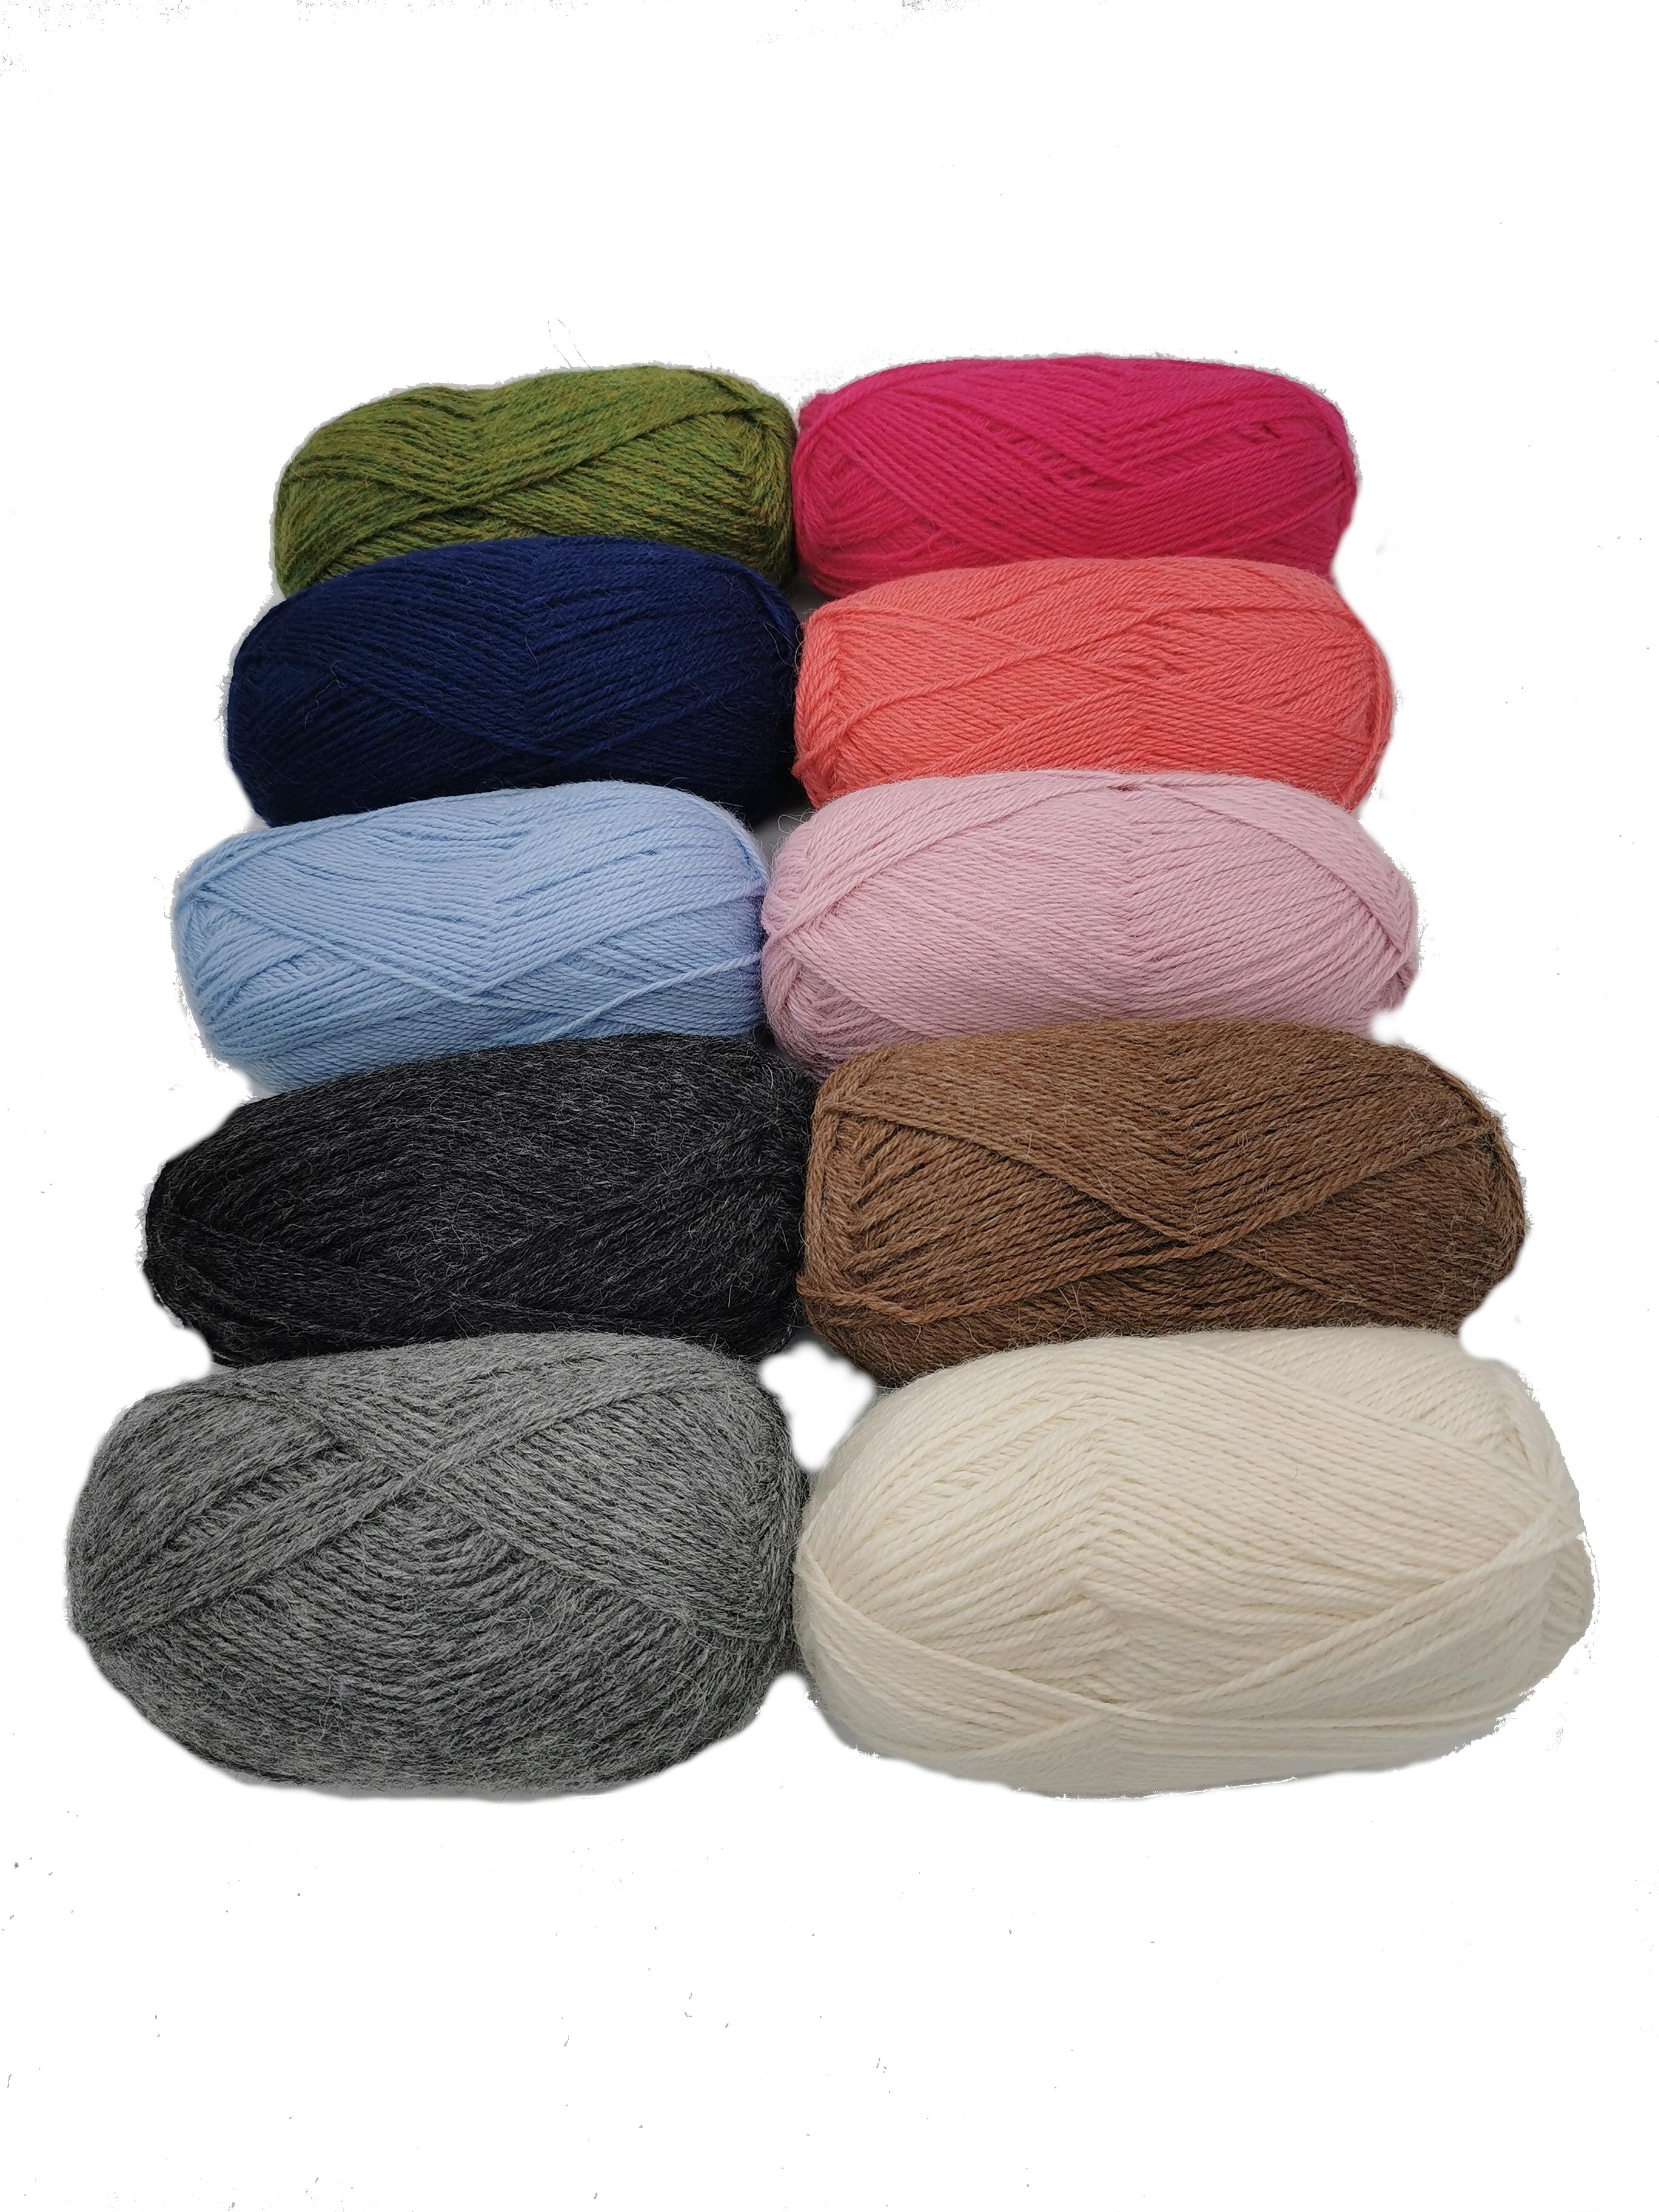 Baby-Alpaka-Wolle in vielen verschiedenen Farben